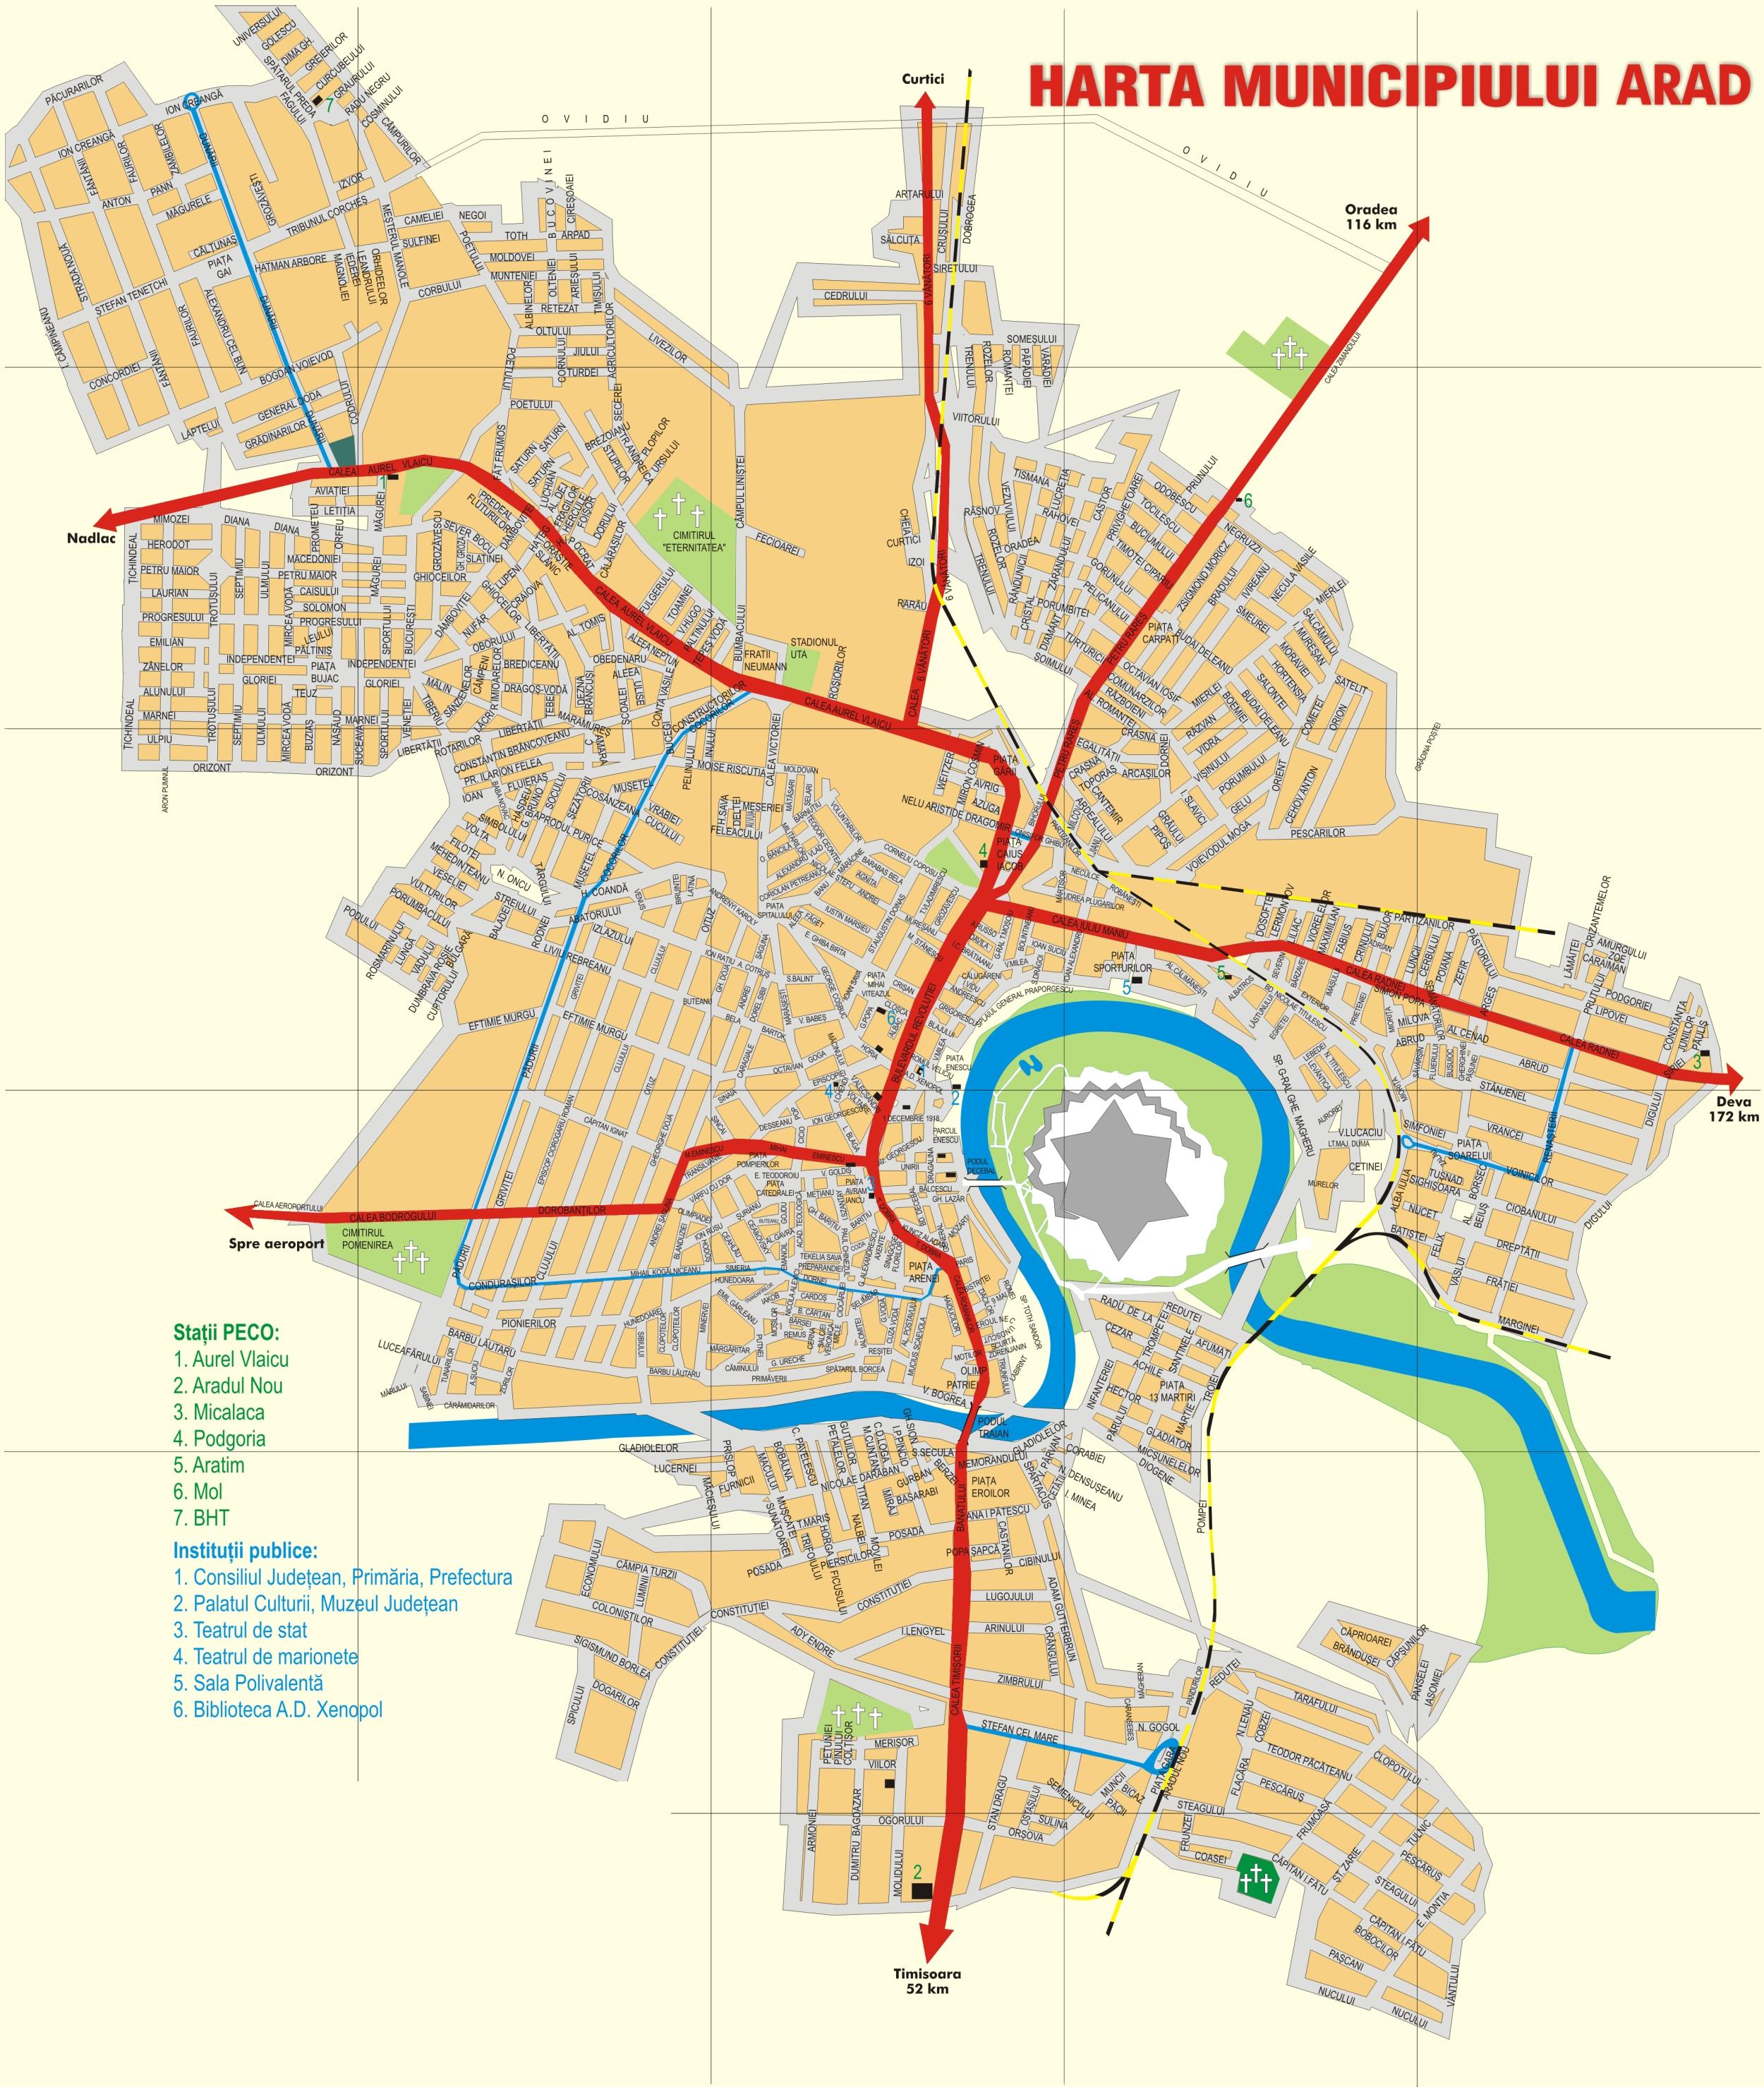 Arad turisztikai térképe - szállás